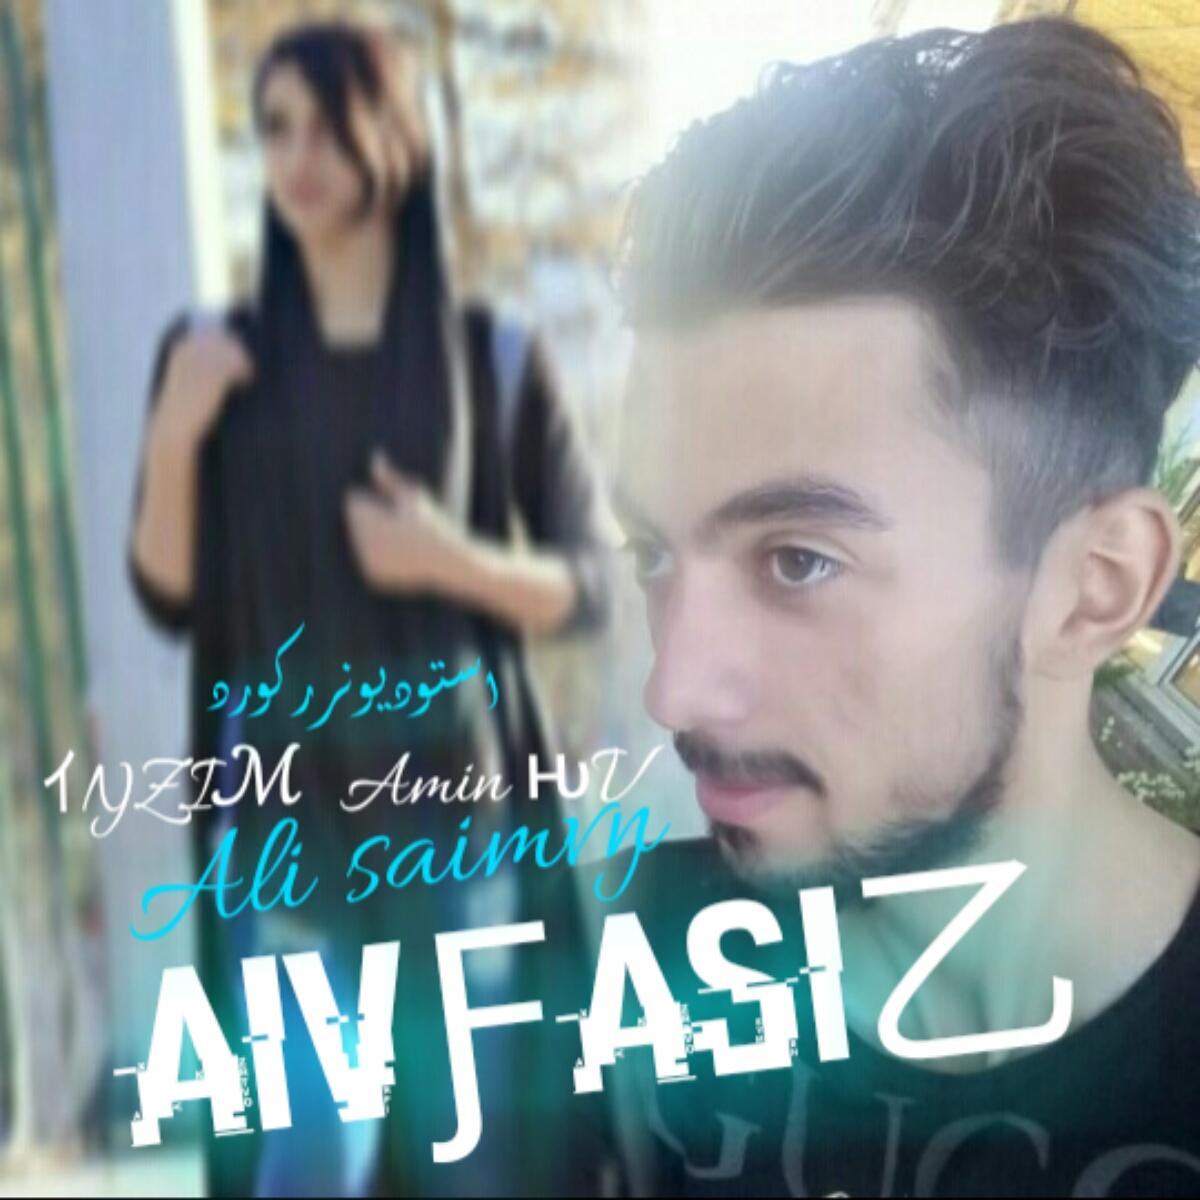 http://s2.picofile.com/file/8375196542/01Ali_Saimvy_Feat_Amin_Hv_Aivafasiz.jpg